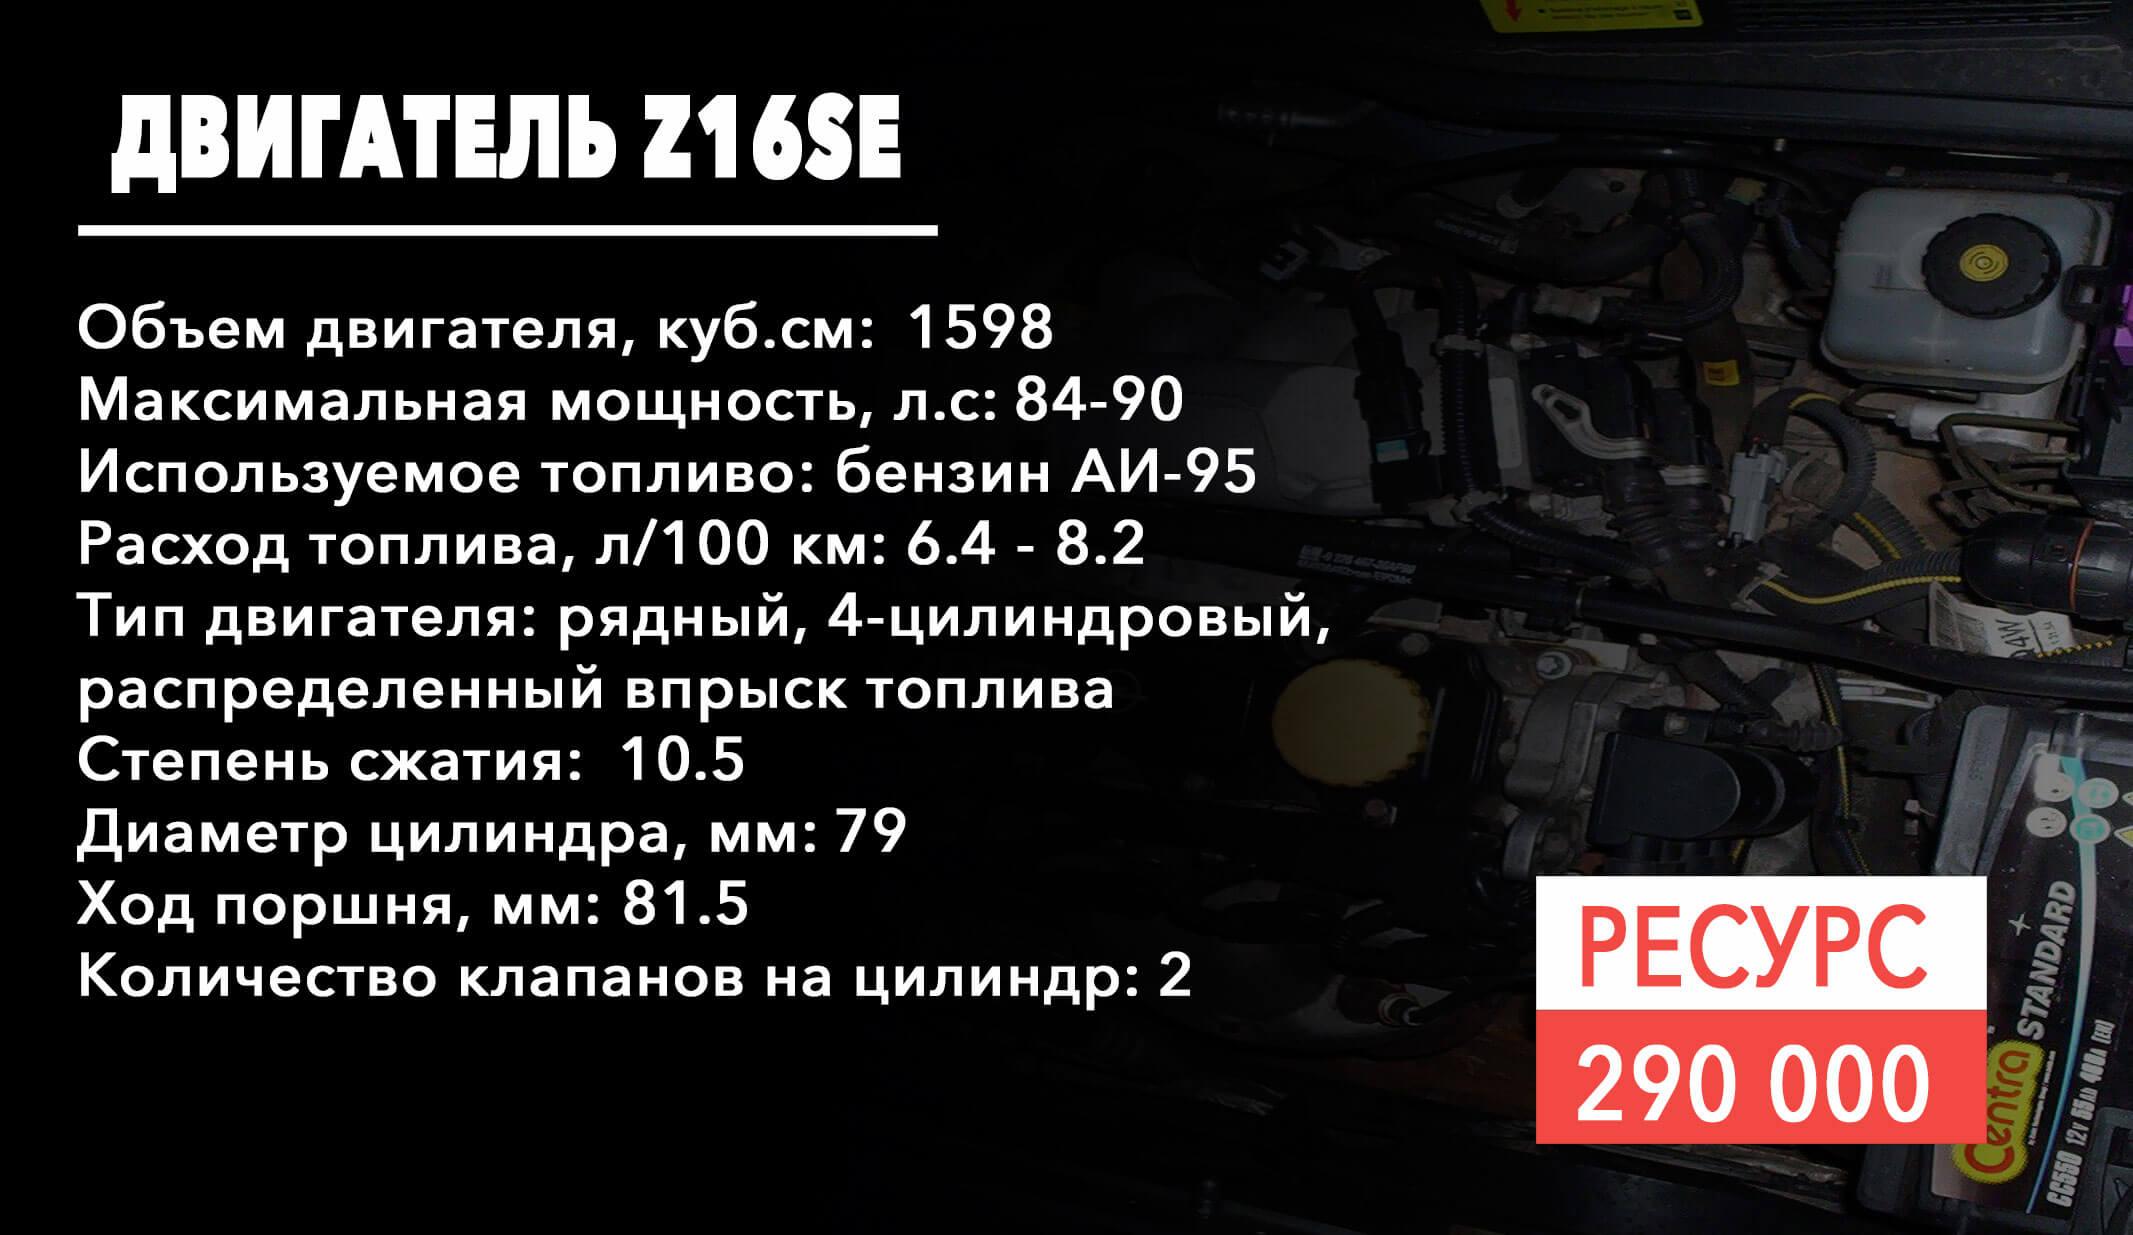 ресурс двигателя Z16SE